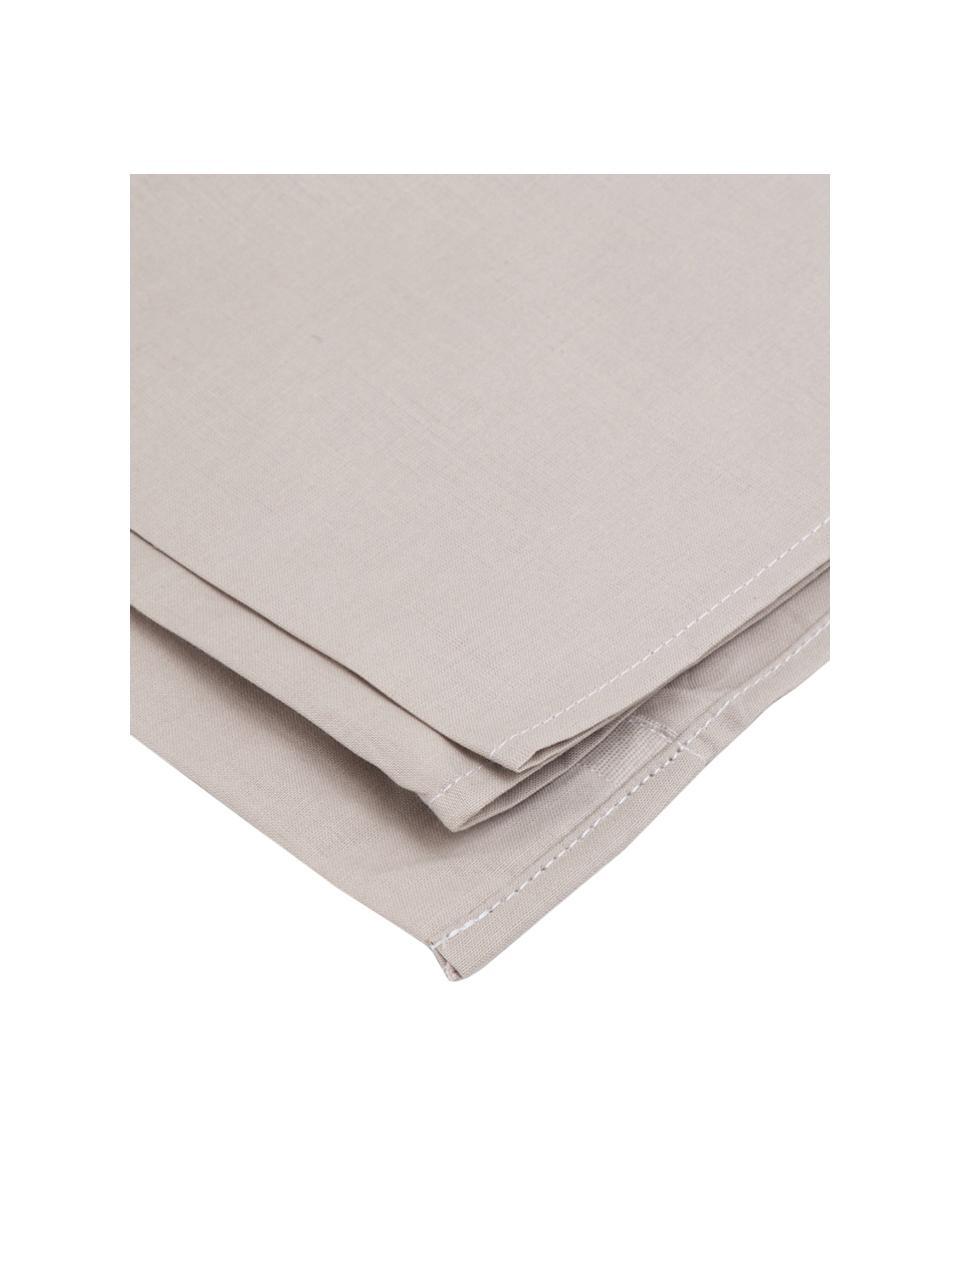 Set lenzuola grigio chiaro in cotone ranforce Lenare, Fronte e retro: grigio chiaro, 150 x 290 cm + 1 federa 50 x 80 cm